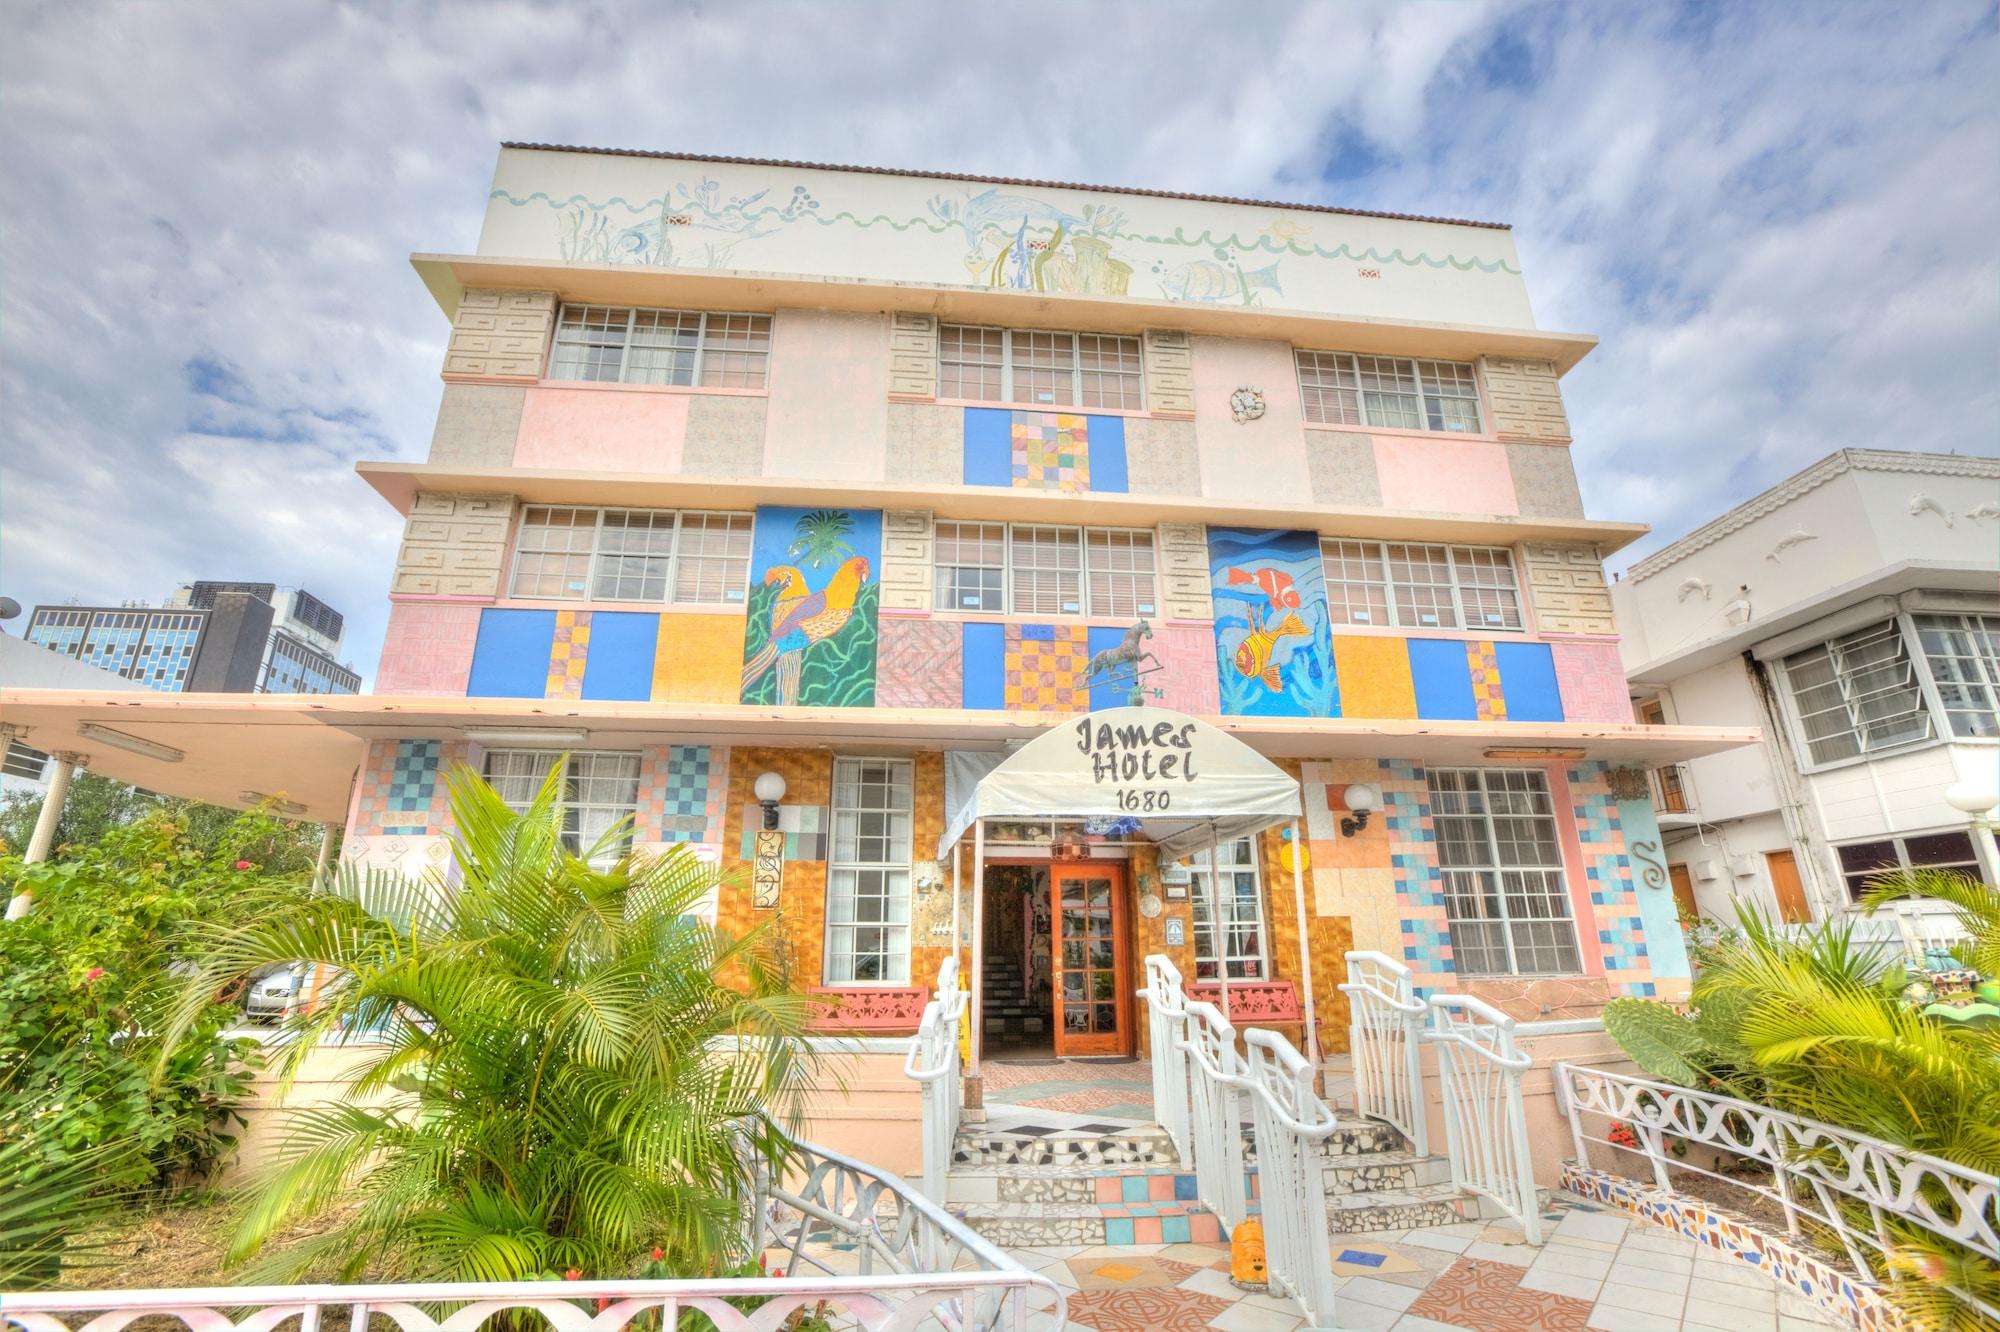 James Hotel, Miami-Dade